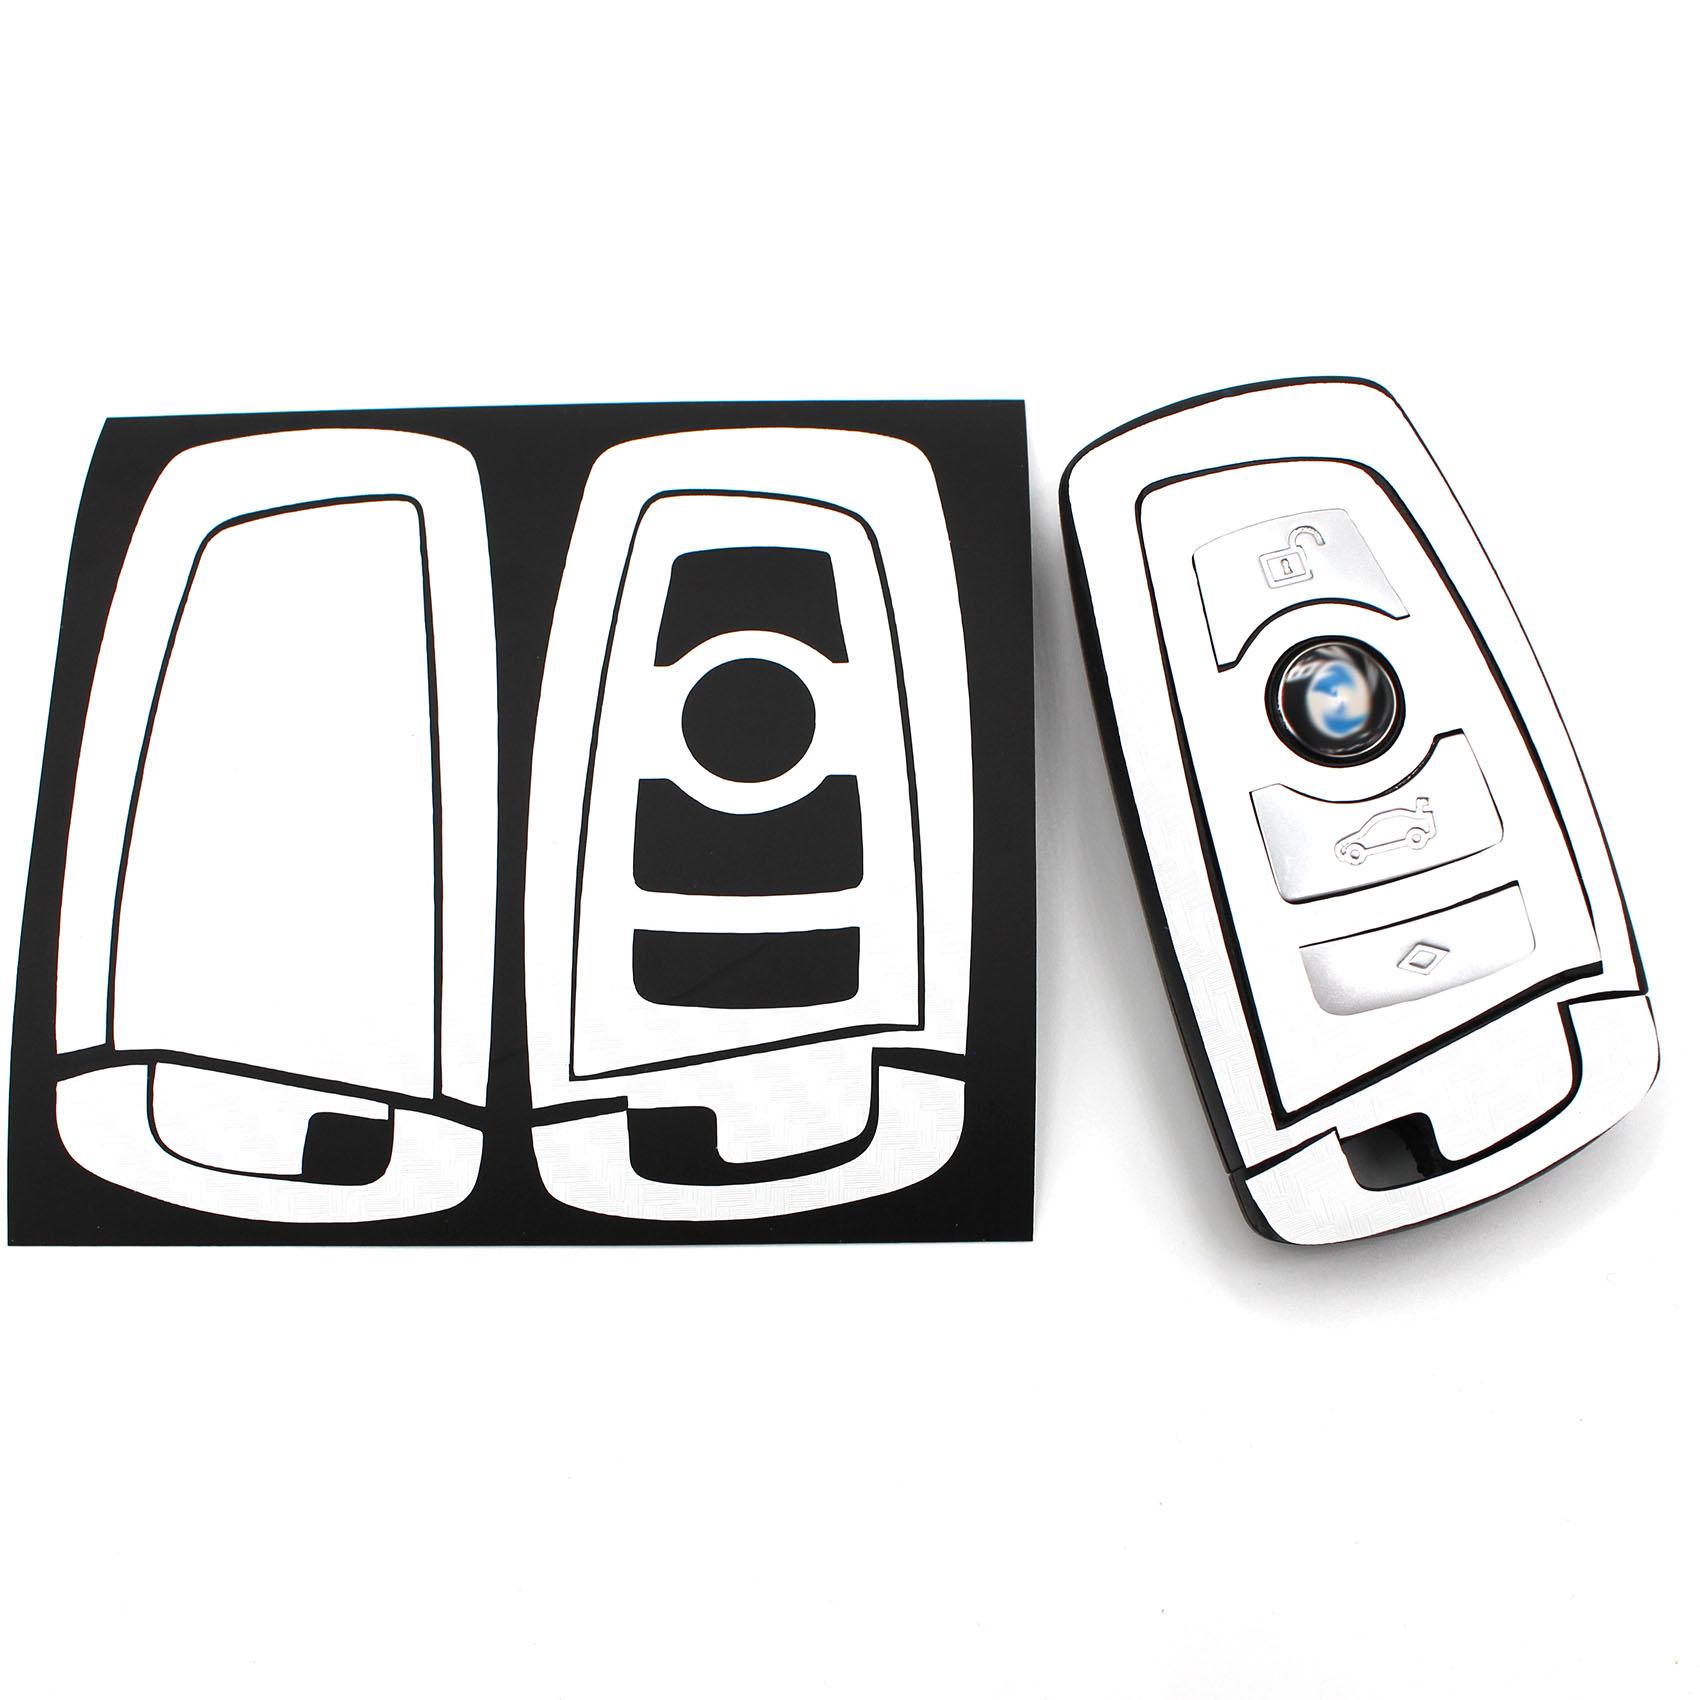 Carbon Gold Folie für BMW C Schlüssel Key Case Hülle Autoschlüssel M Paket